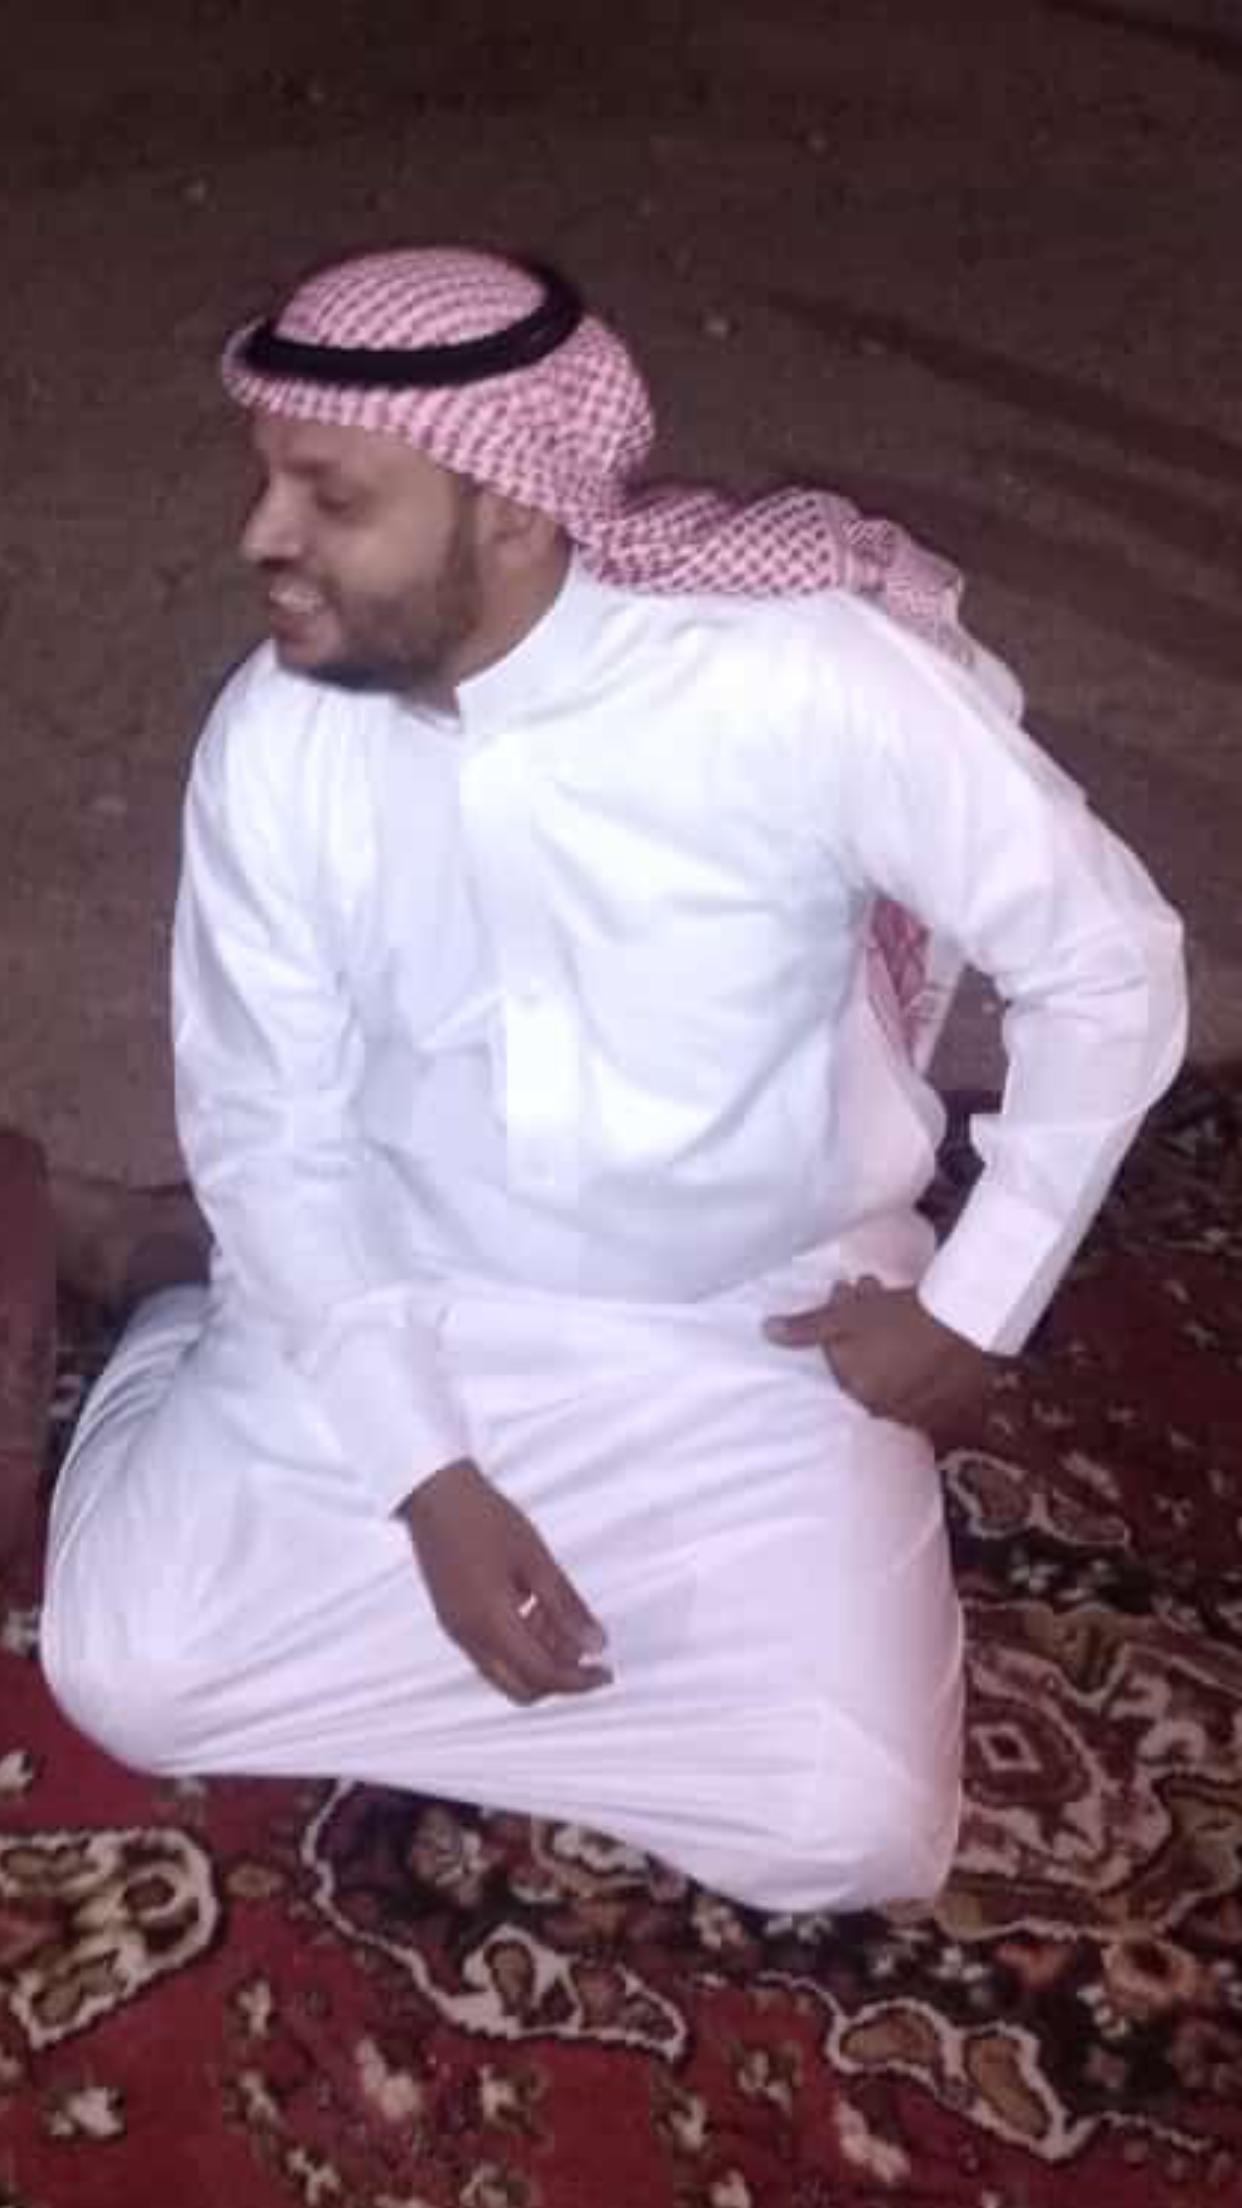 الشاب / حمدان فرج الجحم البلوي يحتفل بزواجه 135C49F8 C59D 4270 9B9B 8C96DC31BF9F